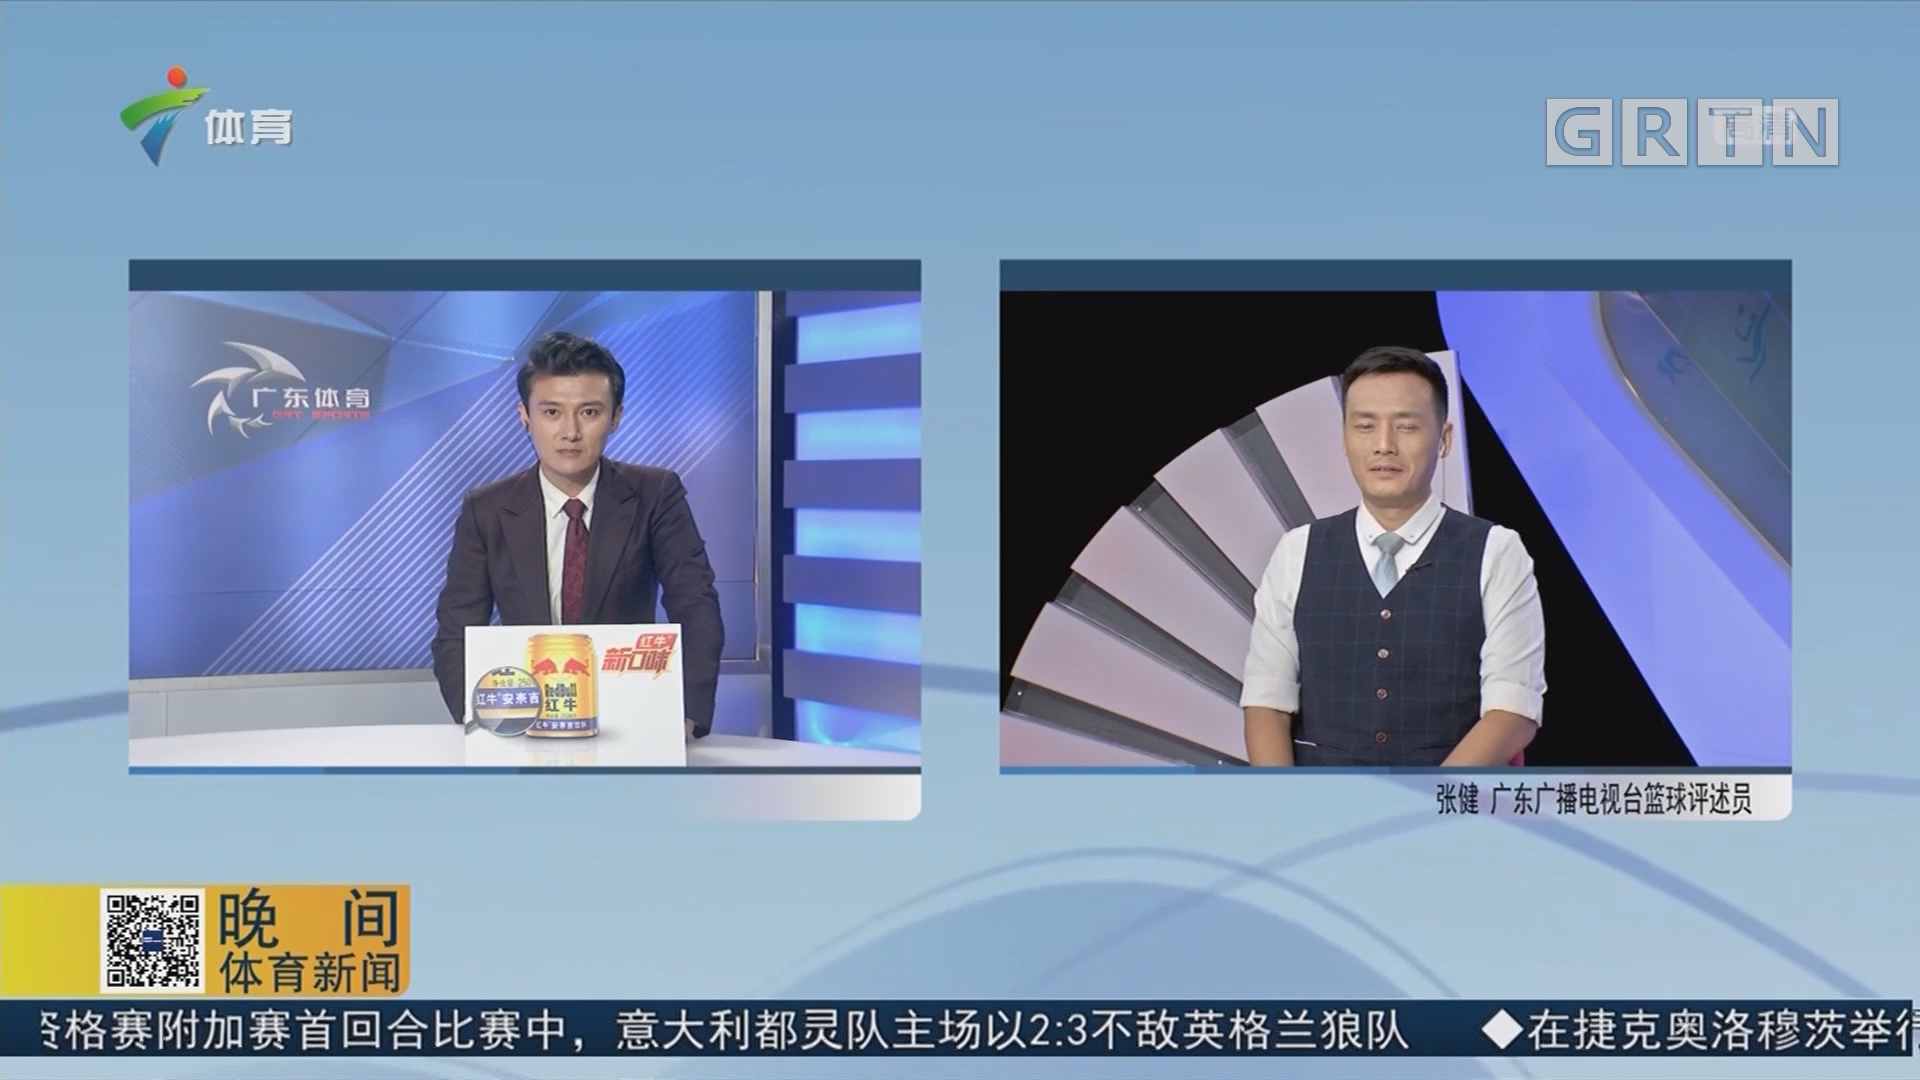 篮球评述员 张健(二)